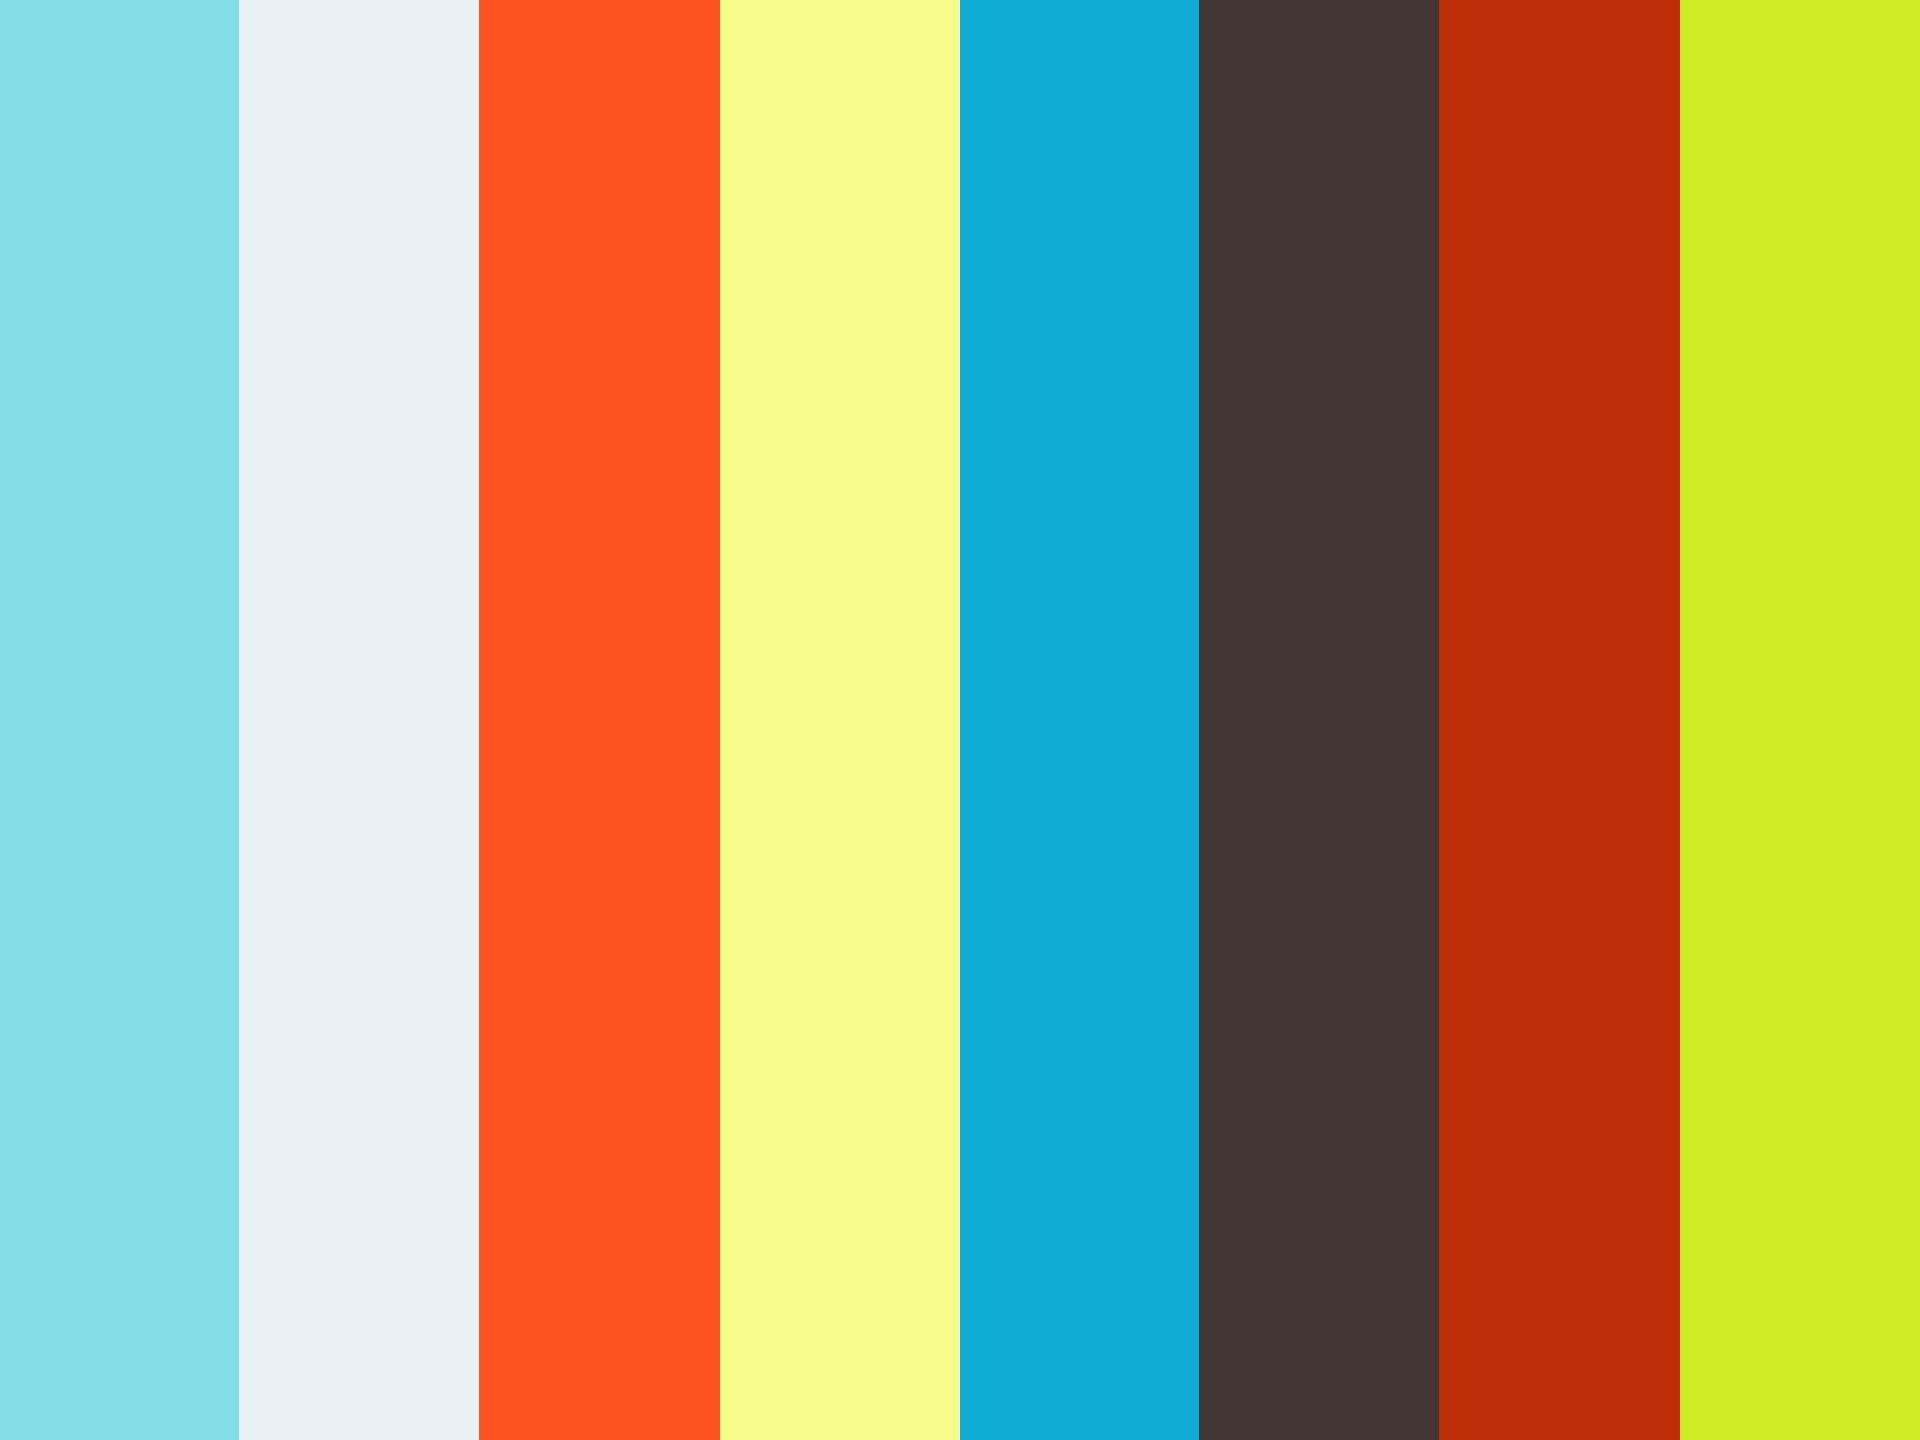 【PV】進化するデジタルソリューション ~Neoss インプラントのデジタルワークフロー~